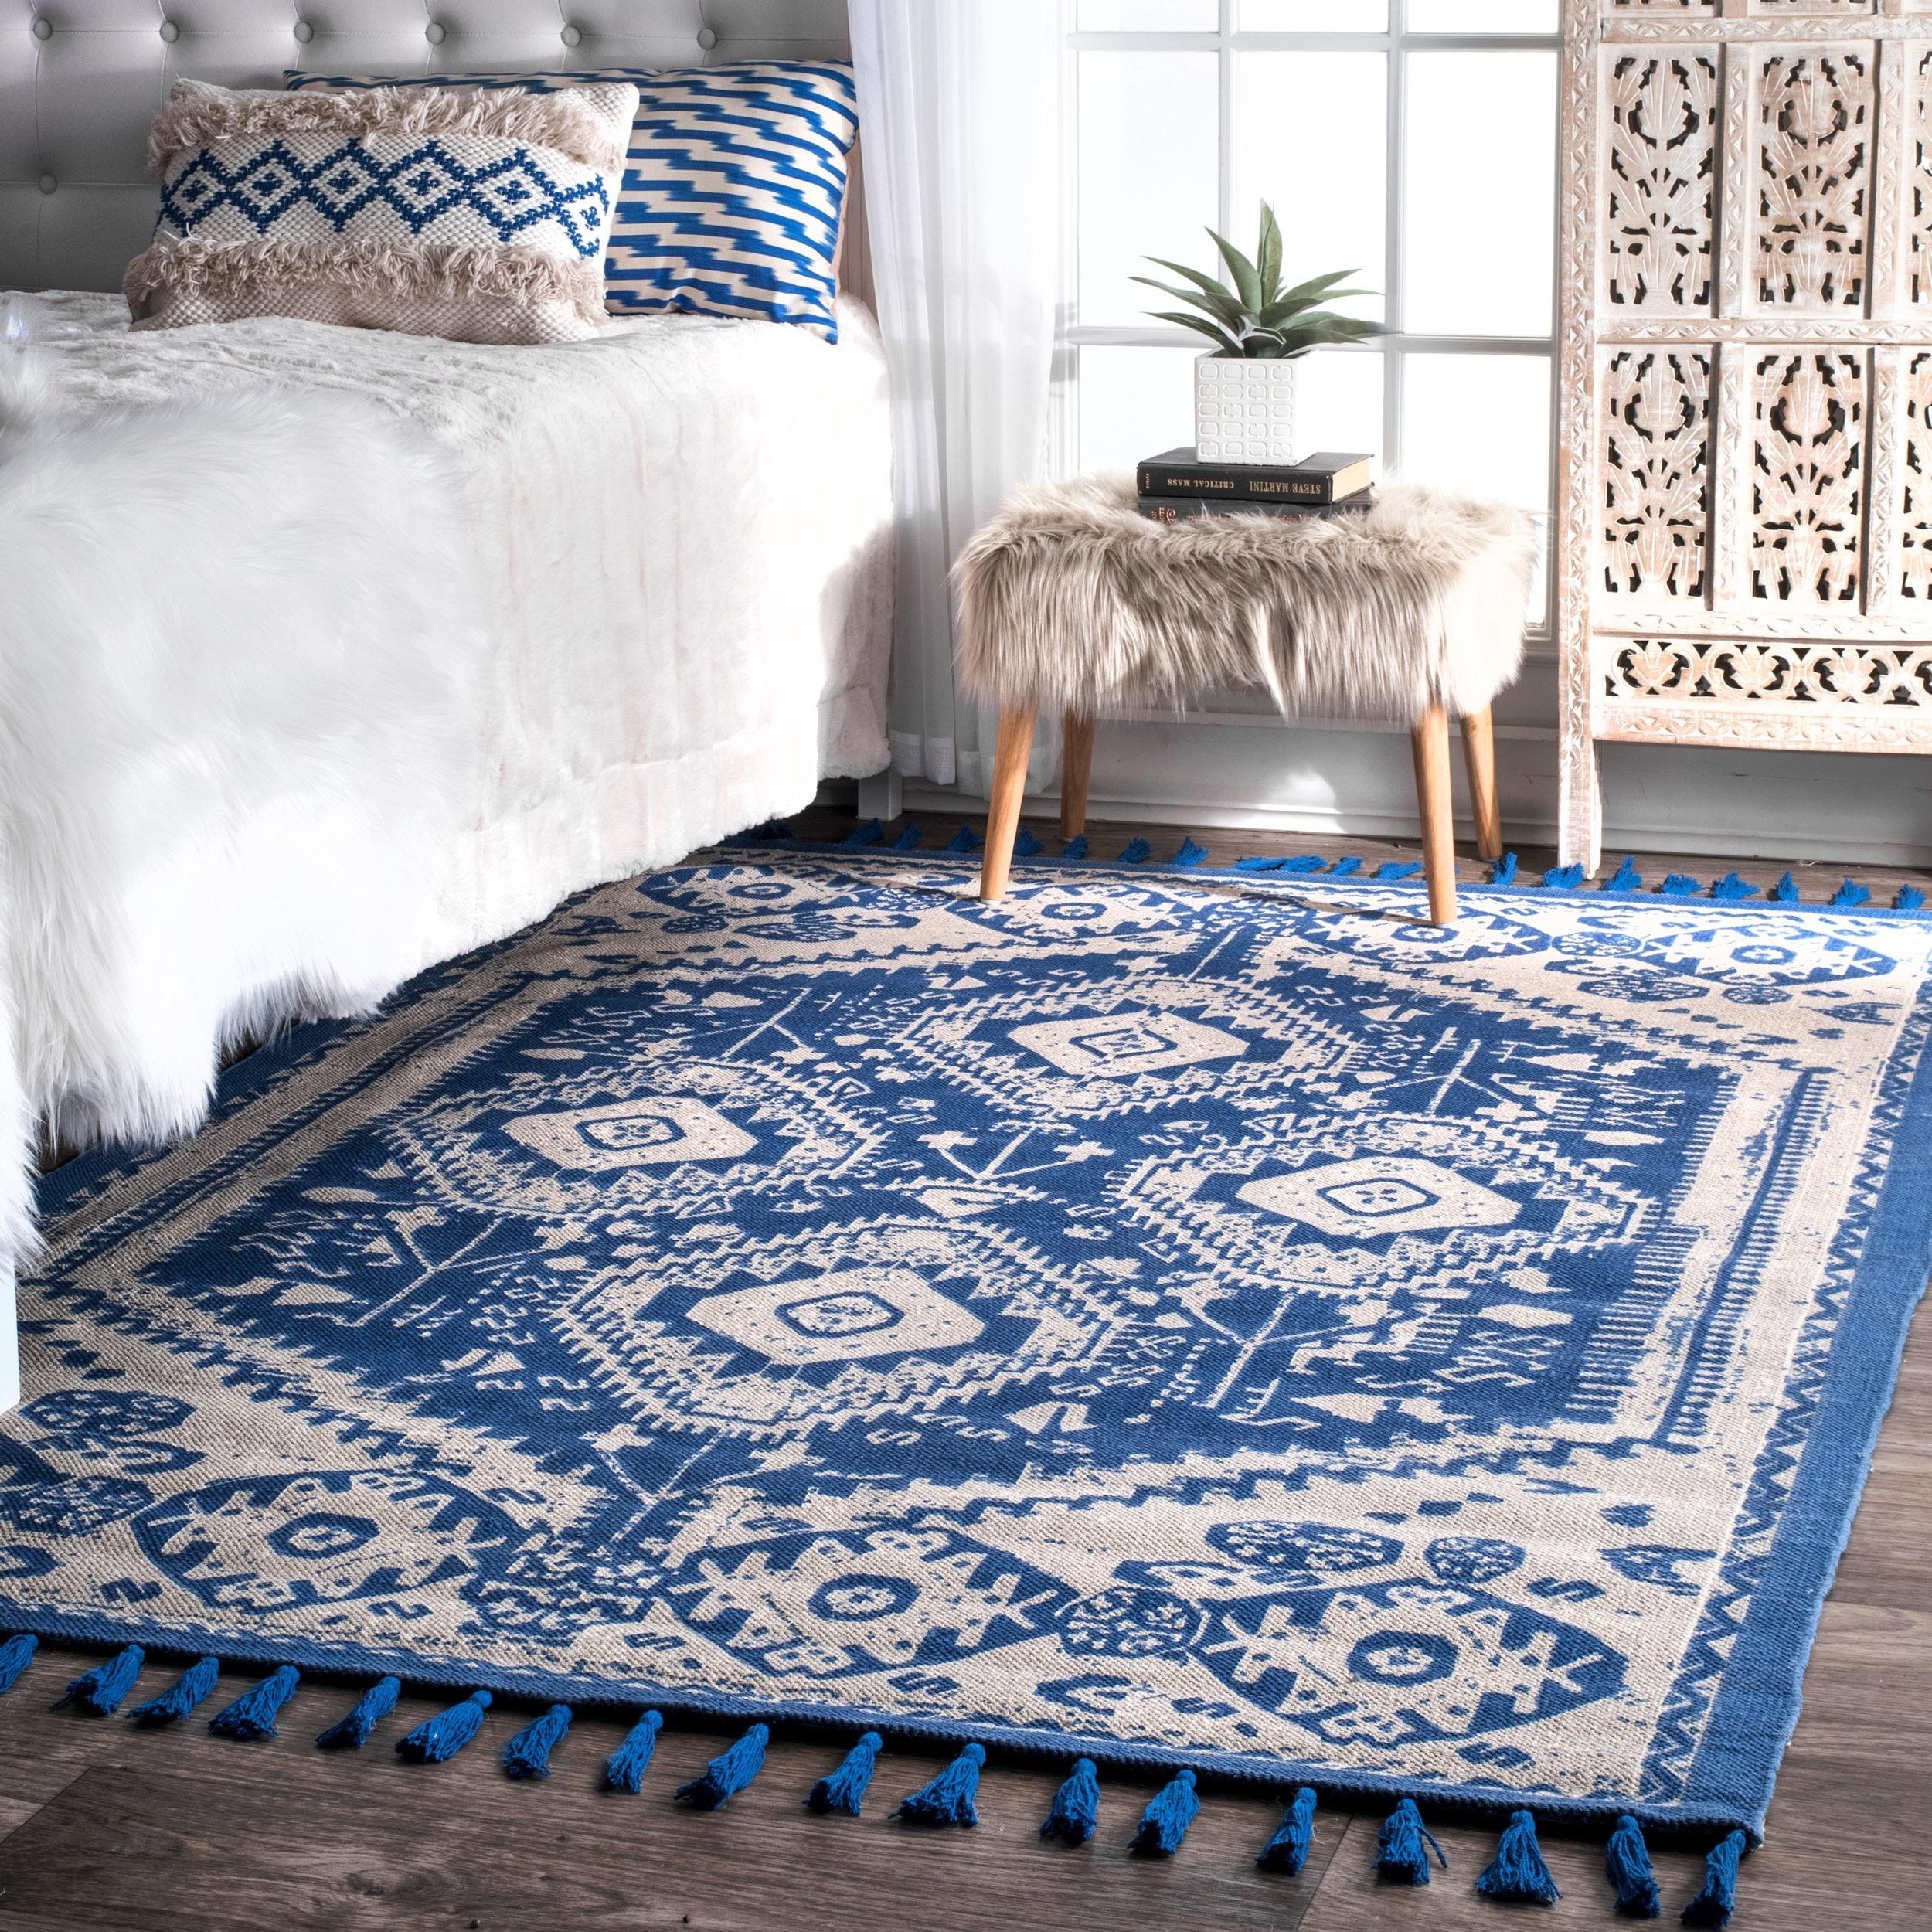 nuLOOM Flatweave Tribal Diamond Dragon Cotton Tassel Blue Rug (5' x 7')